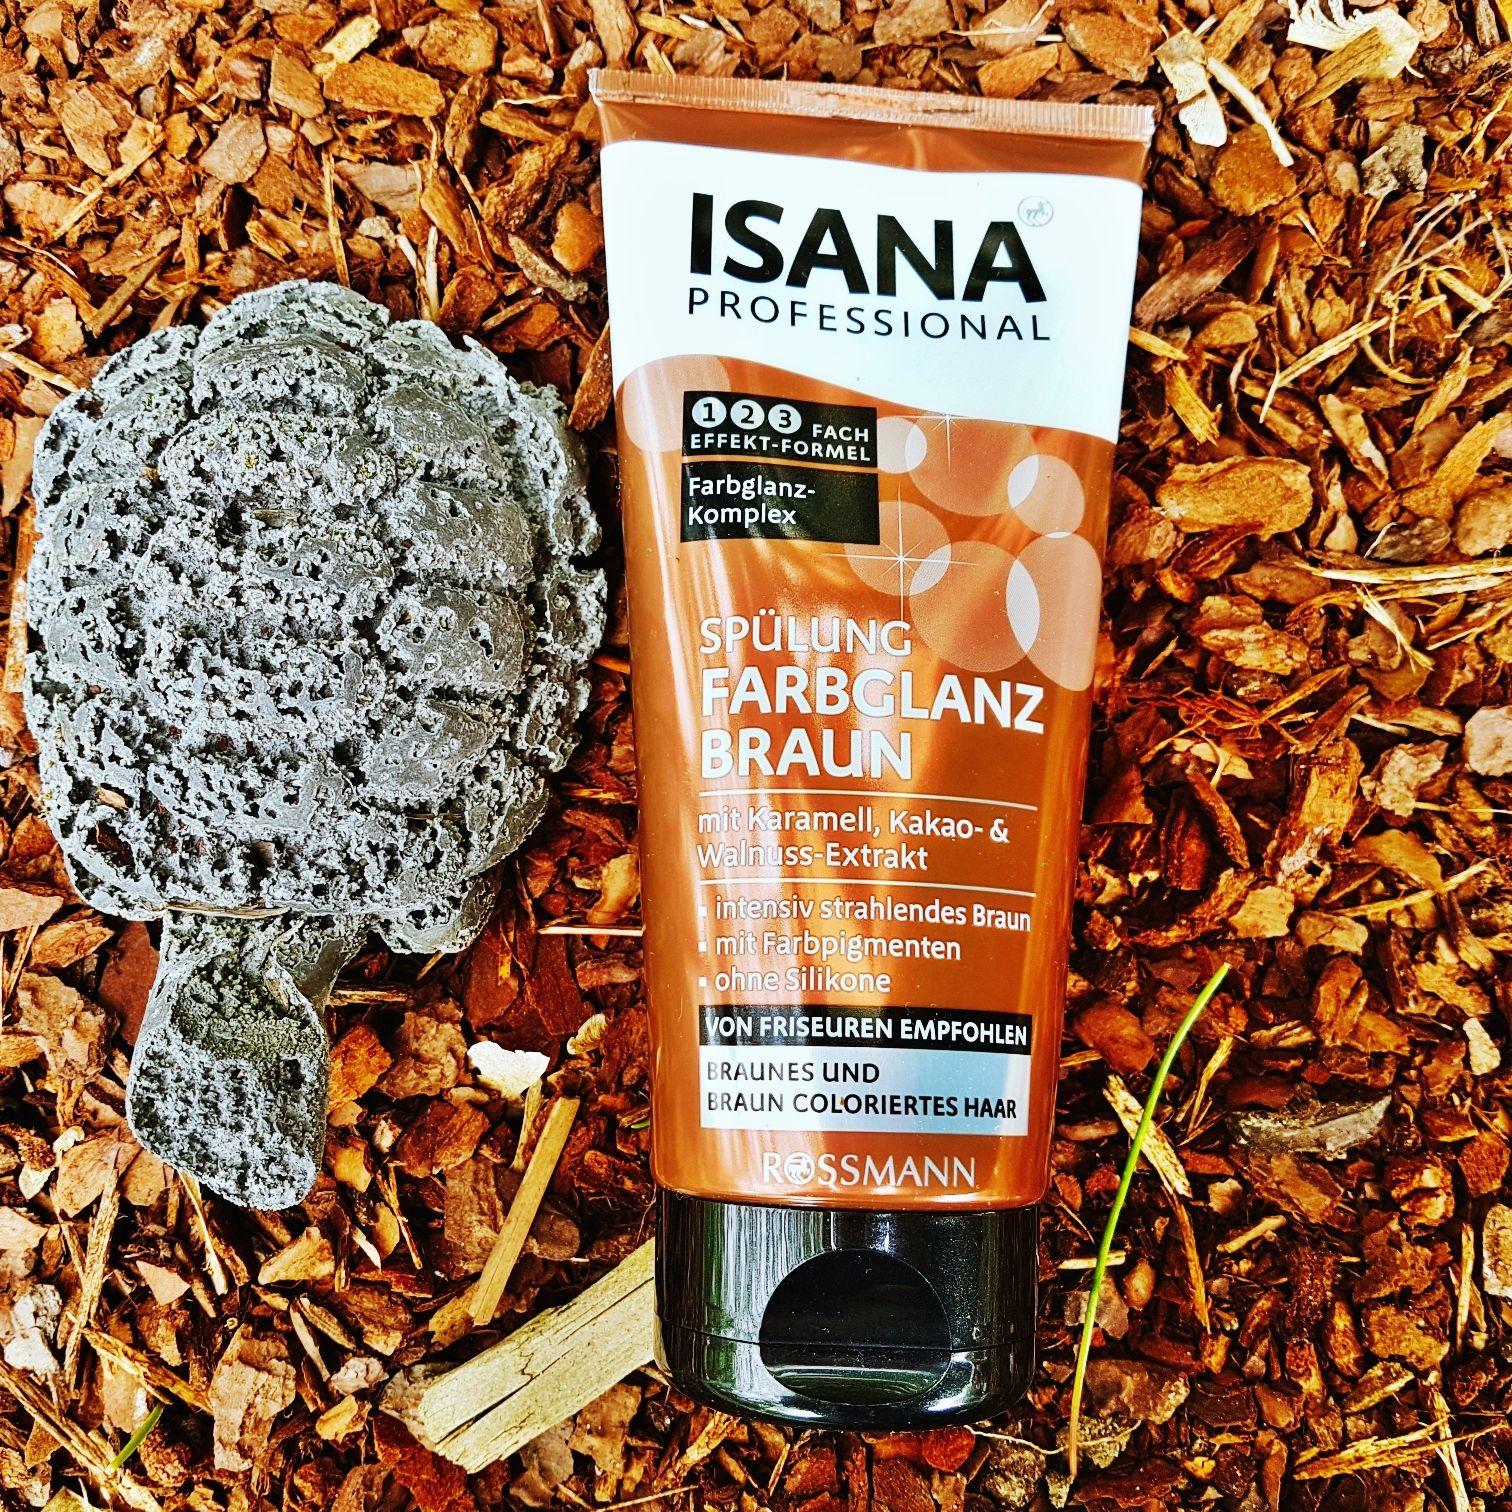 Isana Professional Shampoo und Spülung Farbglanz braun